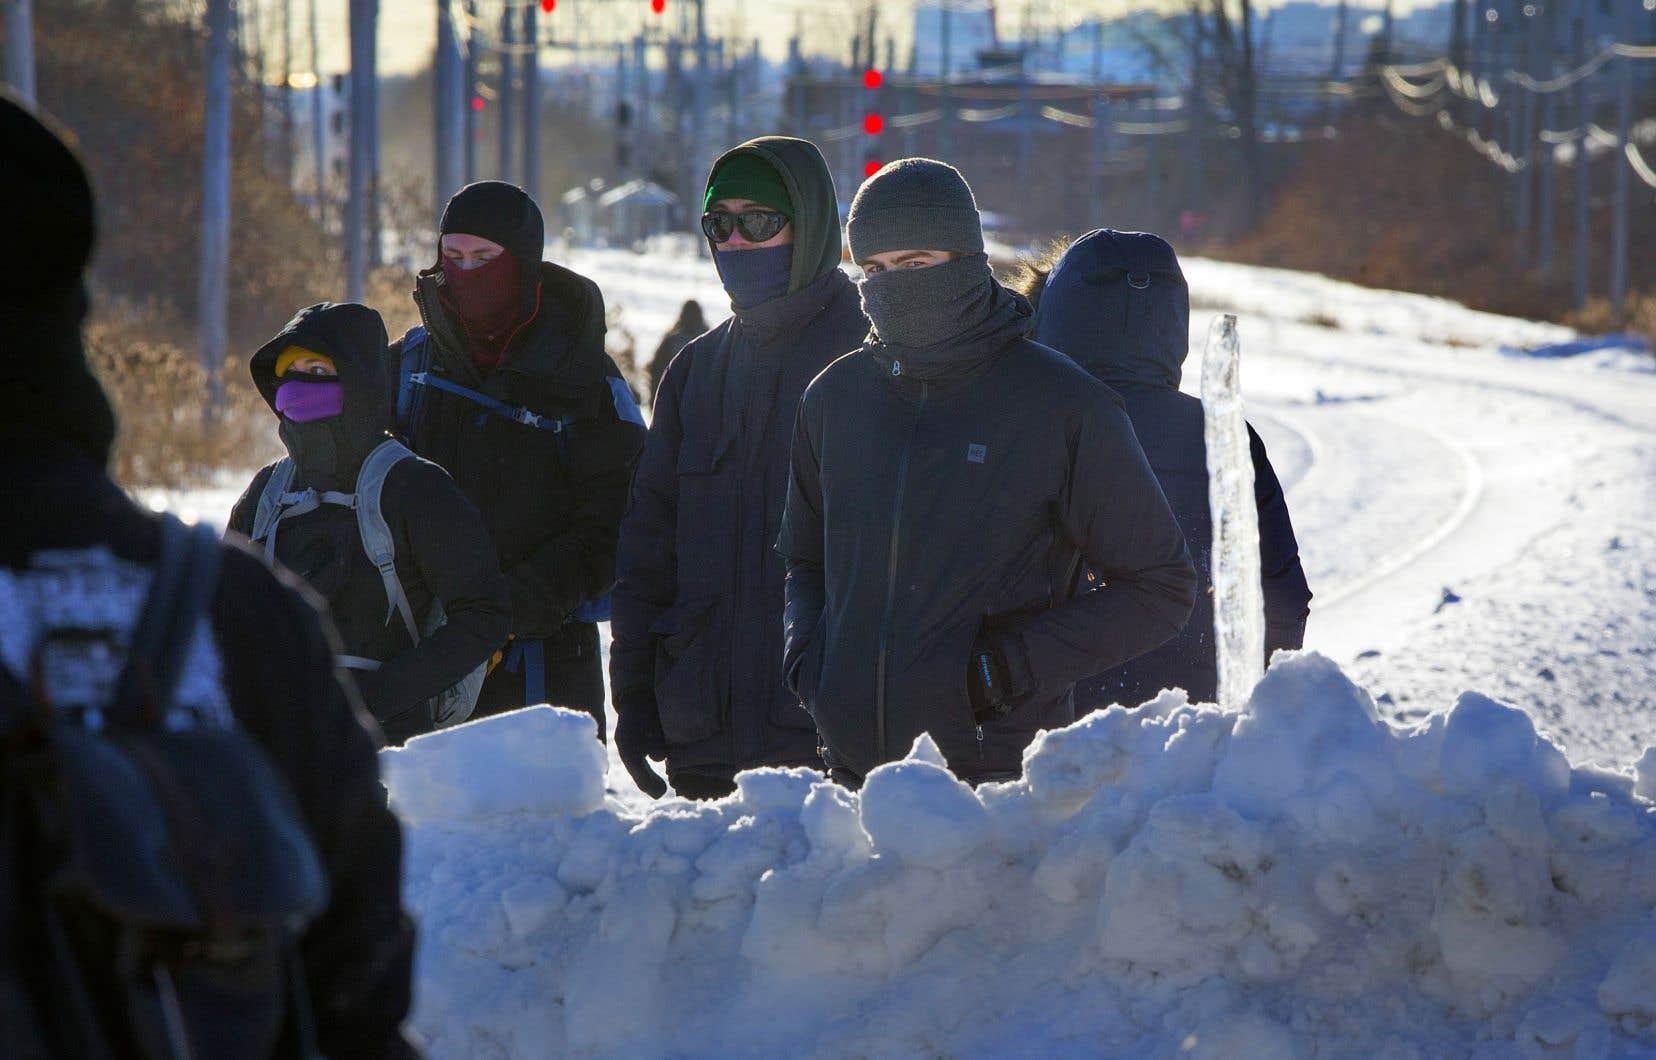 La barricade érigée sur les voies du CN, à Saint-Lambert, empêche le train de banlieue qui se rend à Mont-Saint-Hilaire d'effectuer son trajet. De même, les liaisons entre Montréal et Québec ont été suspendues au moins jusqu'à vendredi.